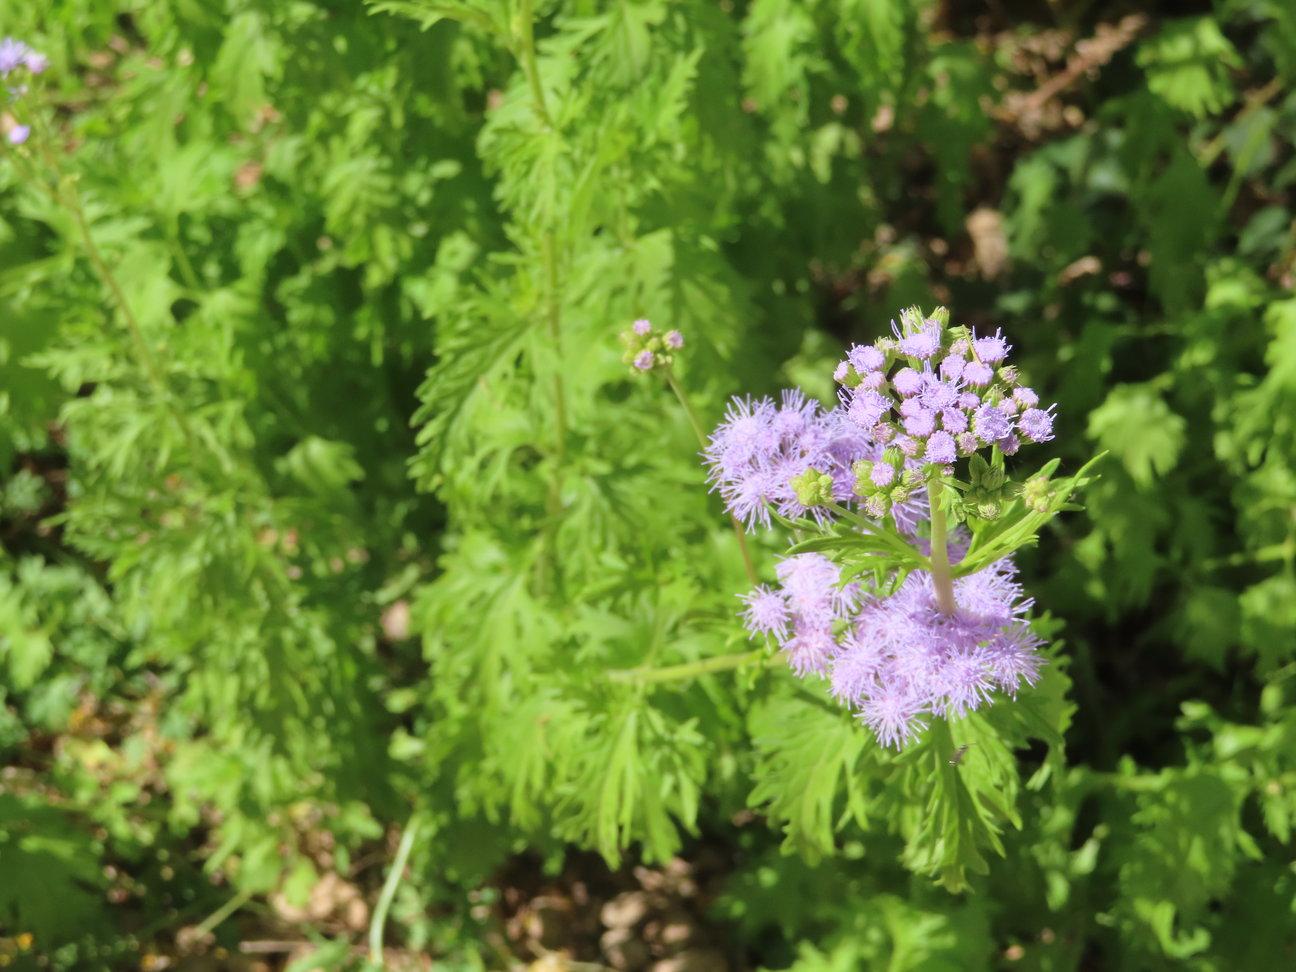 Gregg's mistflower plant in bloom